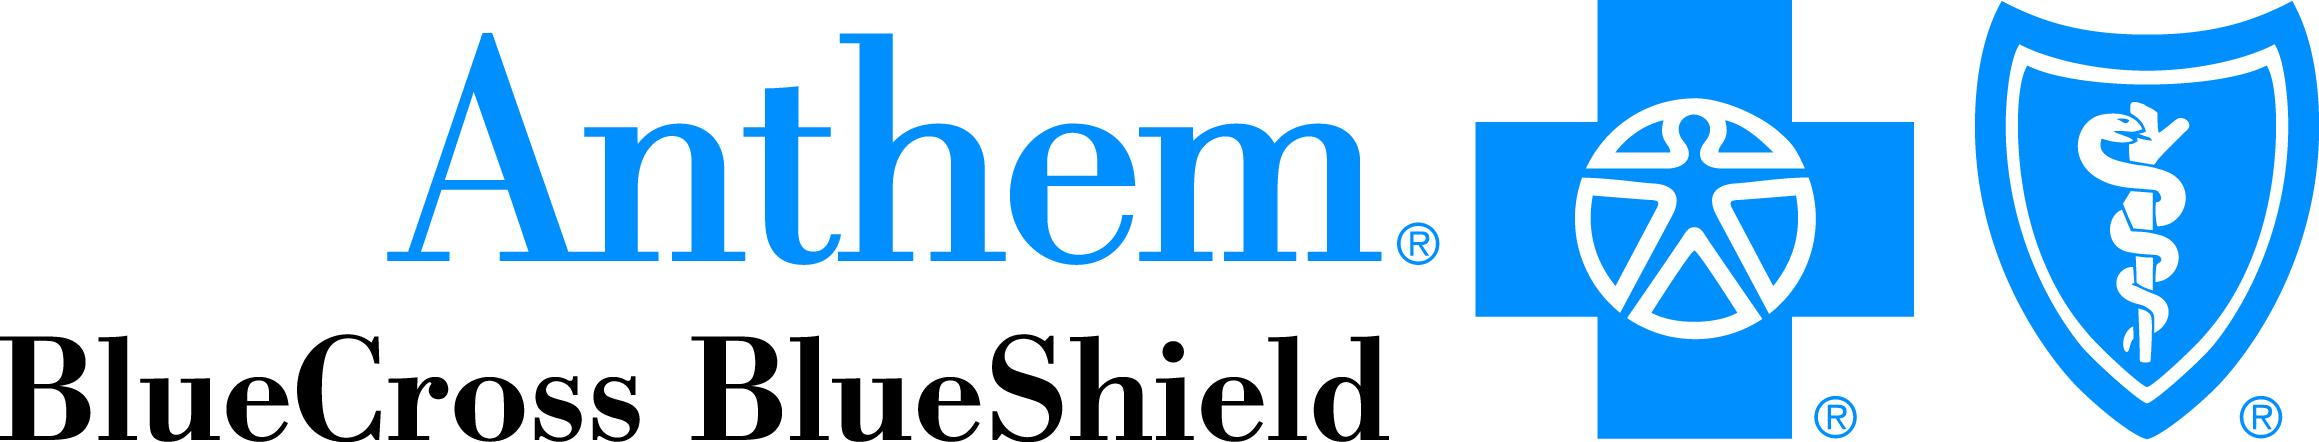 Anthem Logos